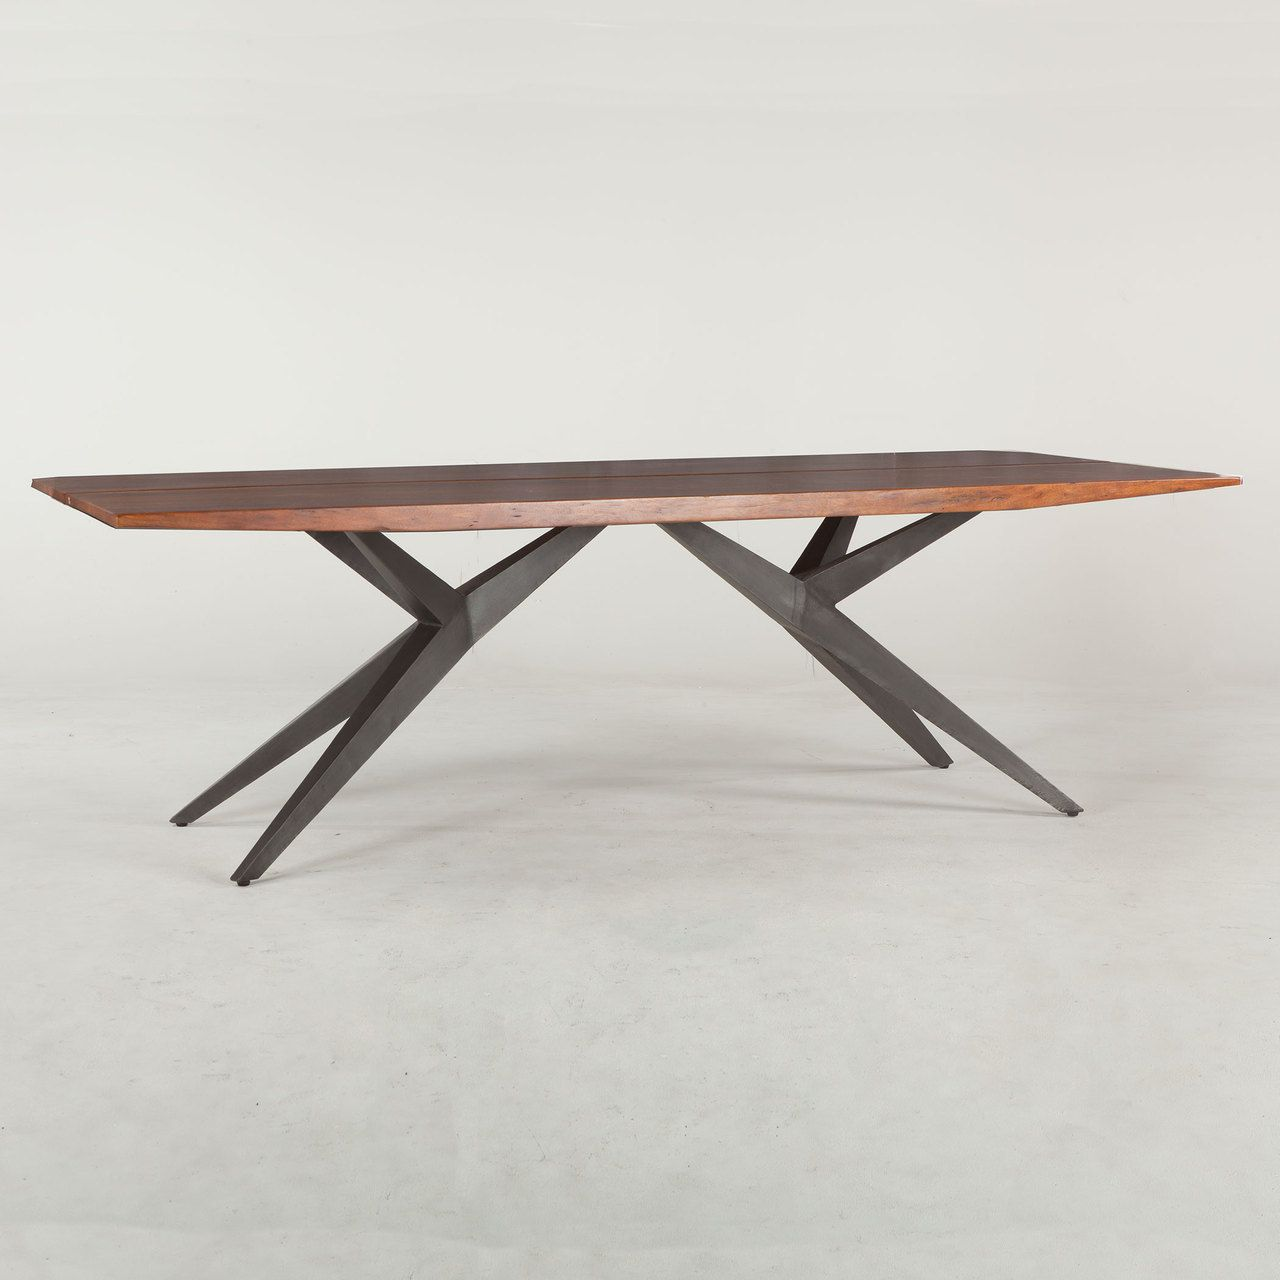 Austin Dining Table In Walnut Muebles De Lujo Diseno De Muebles